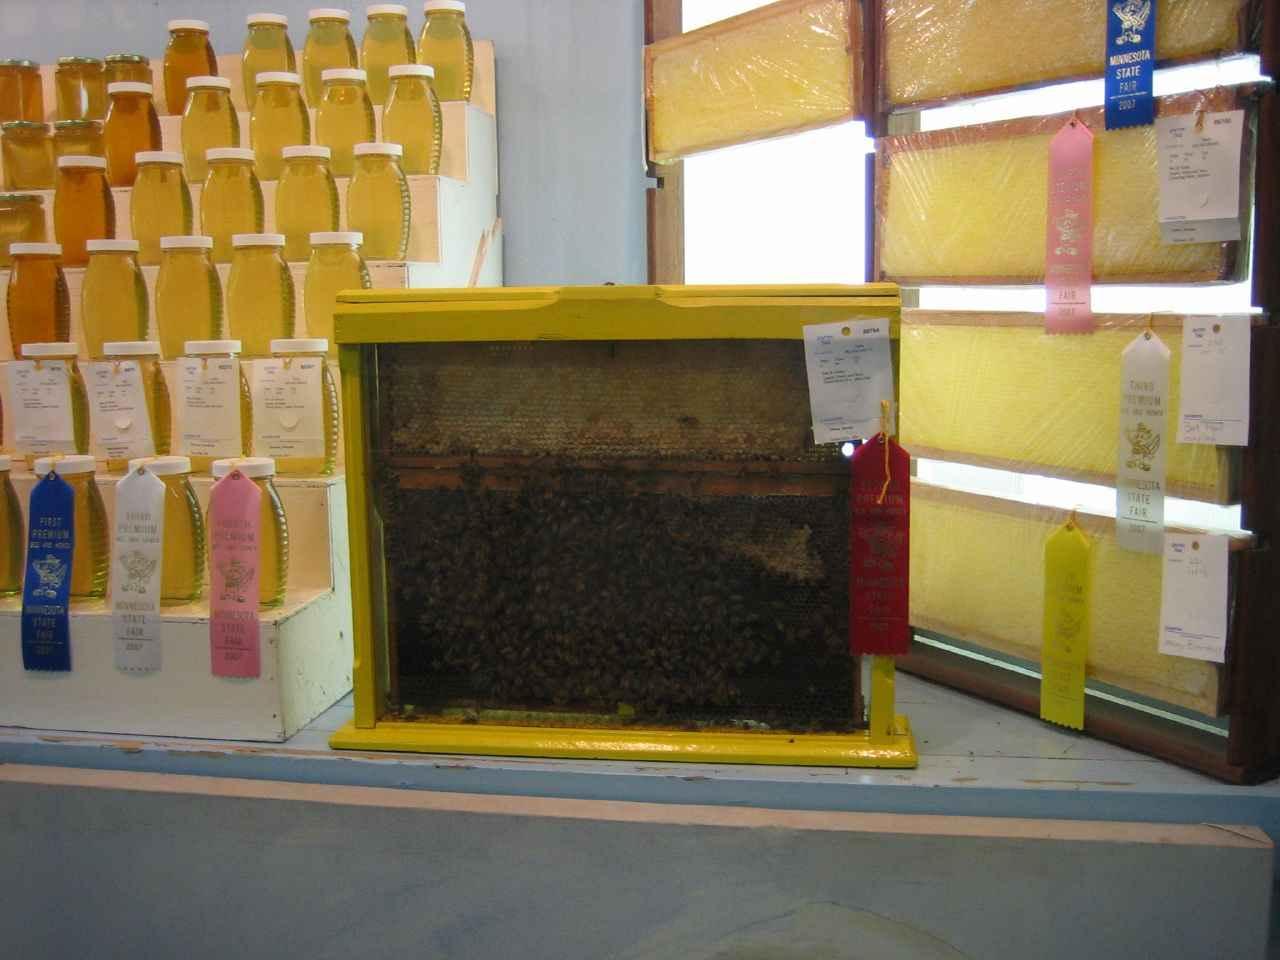 رنگ ها و بسته بندی های مختلف عسل